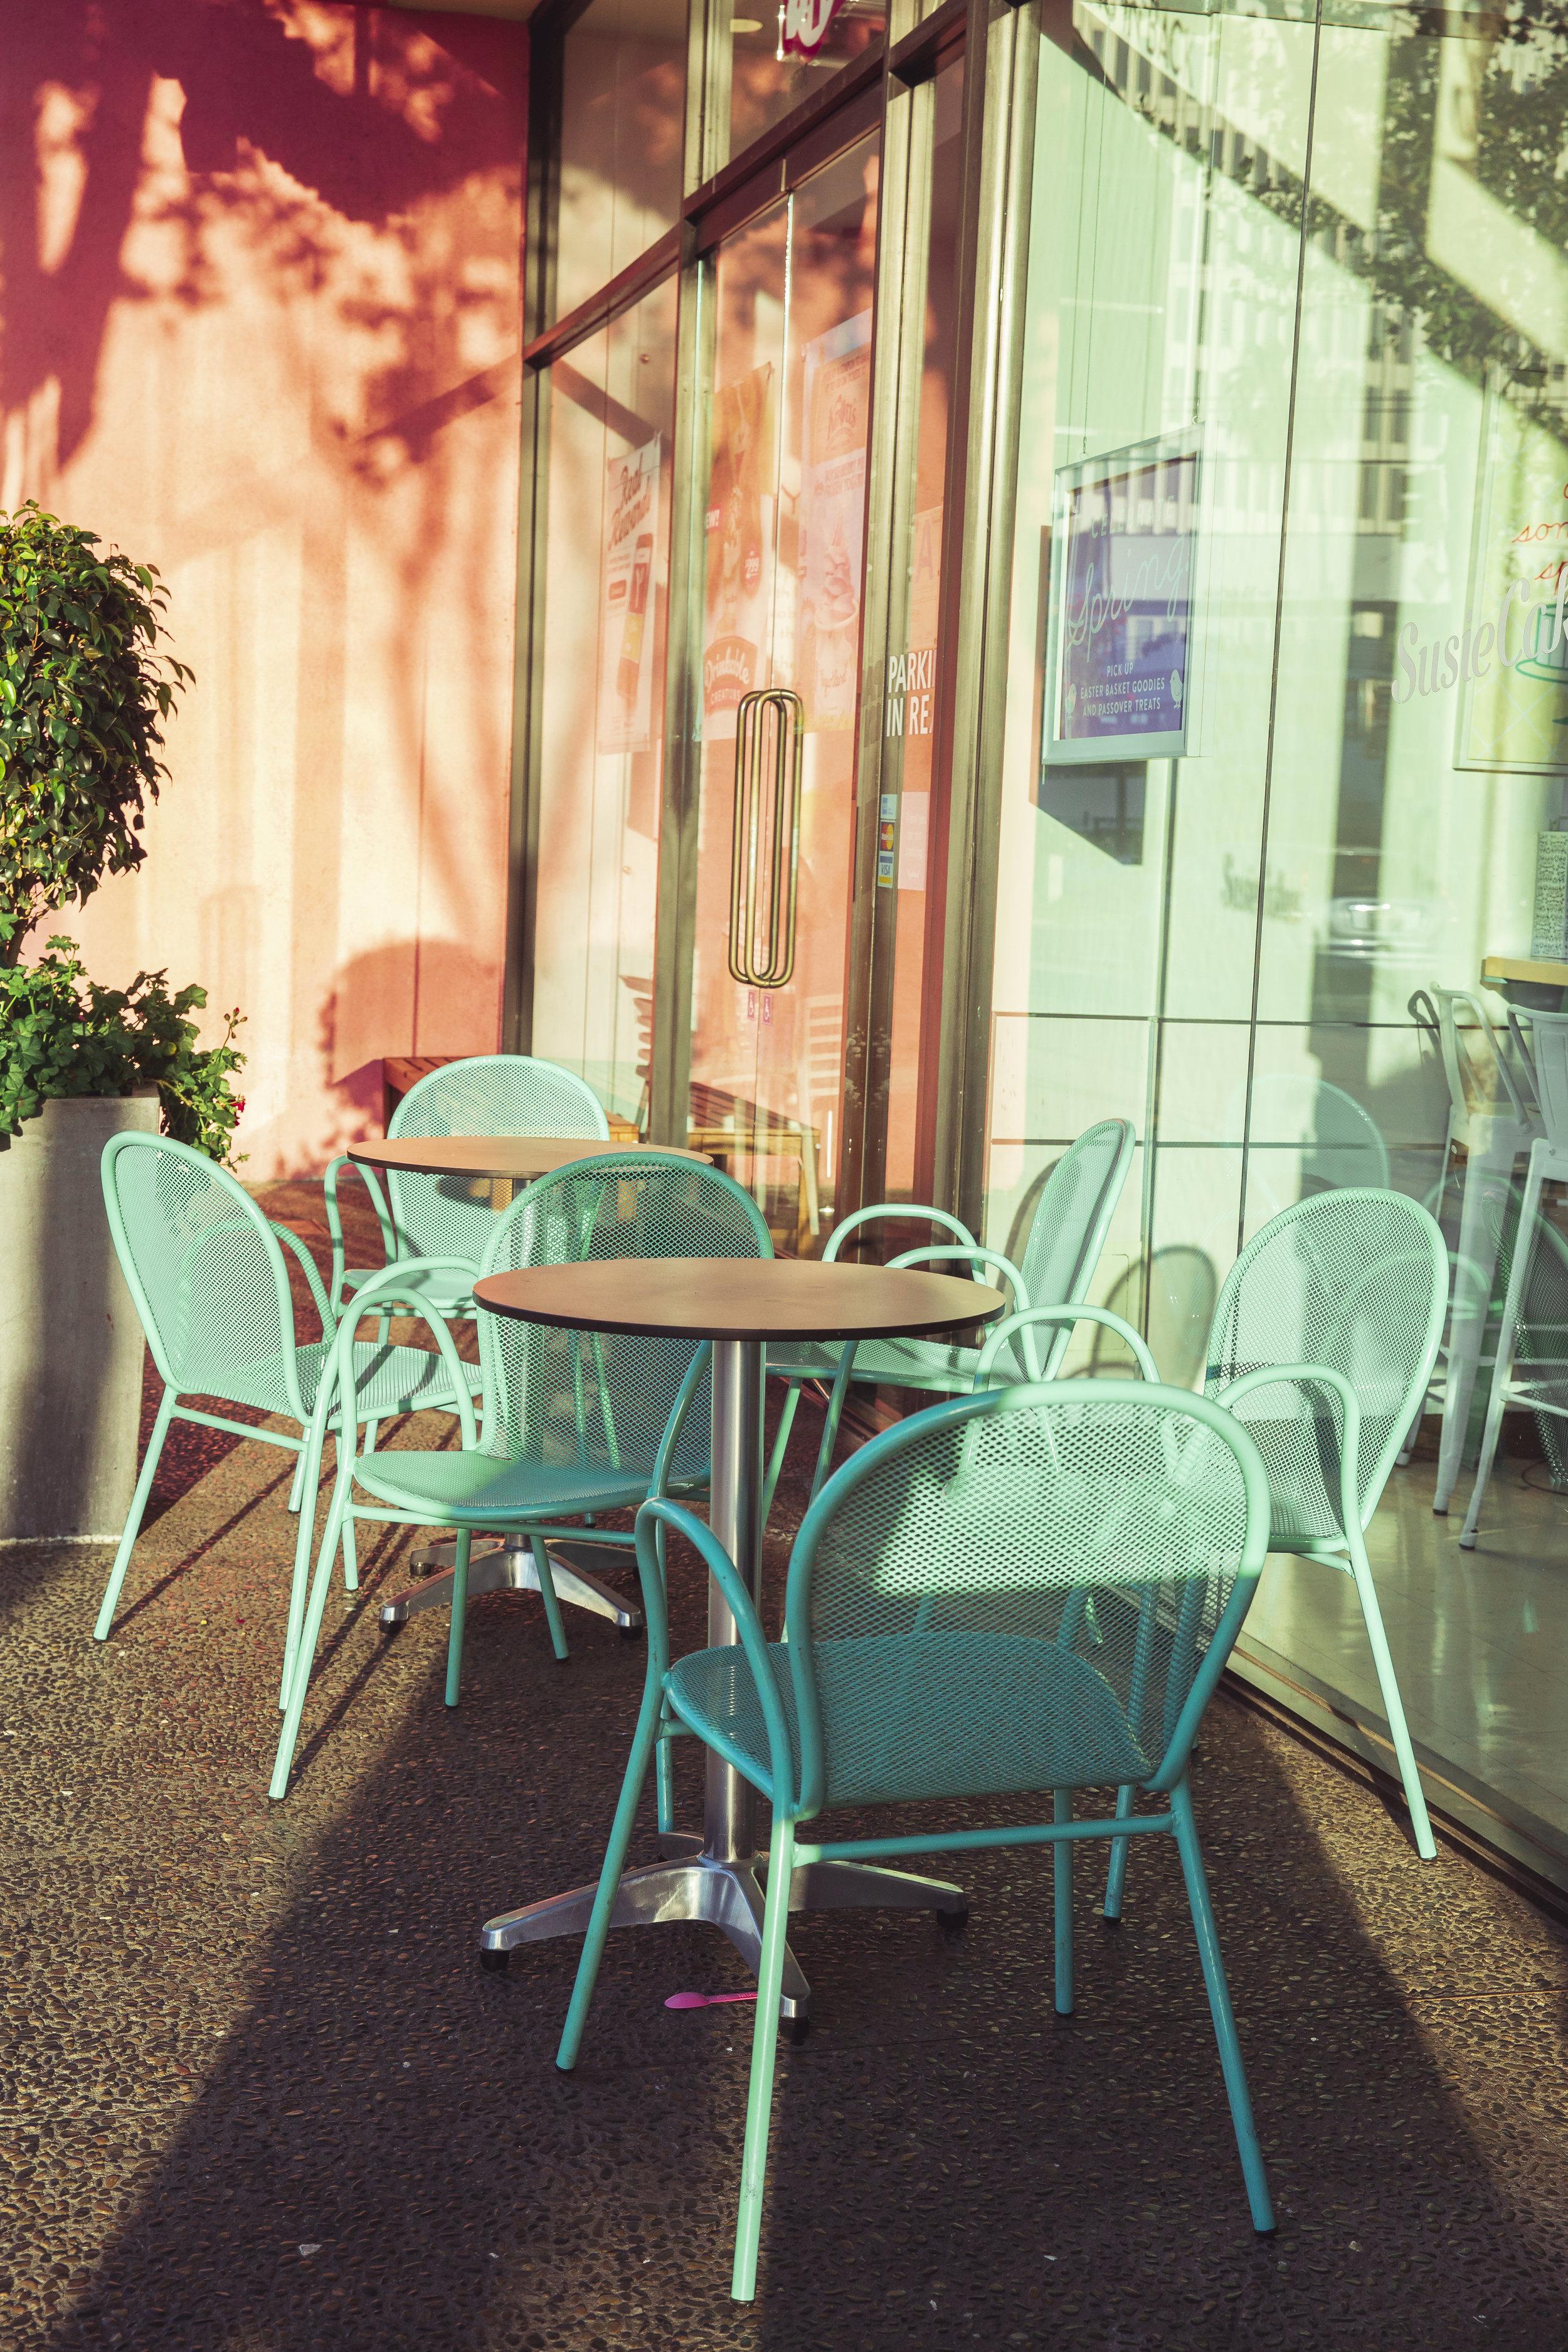 Chairs_01.jpg